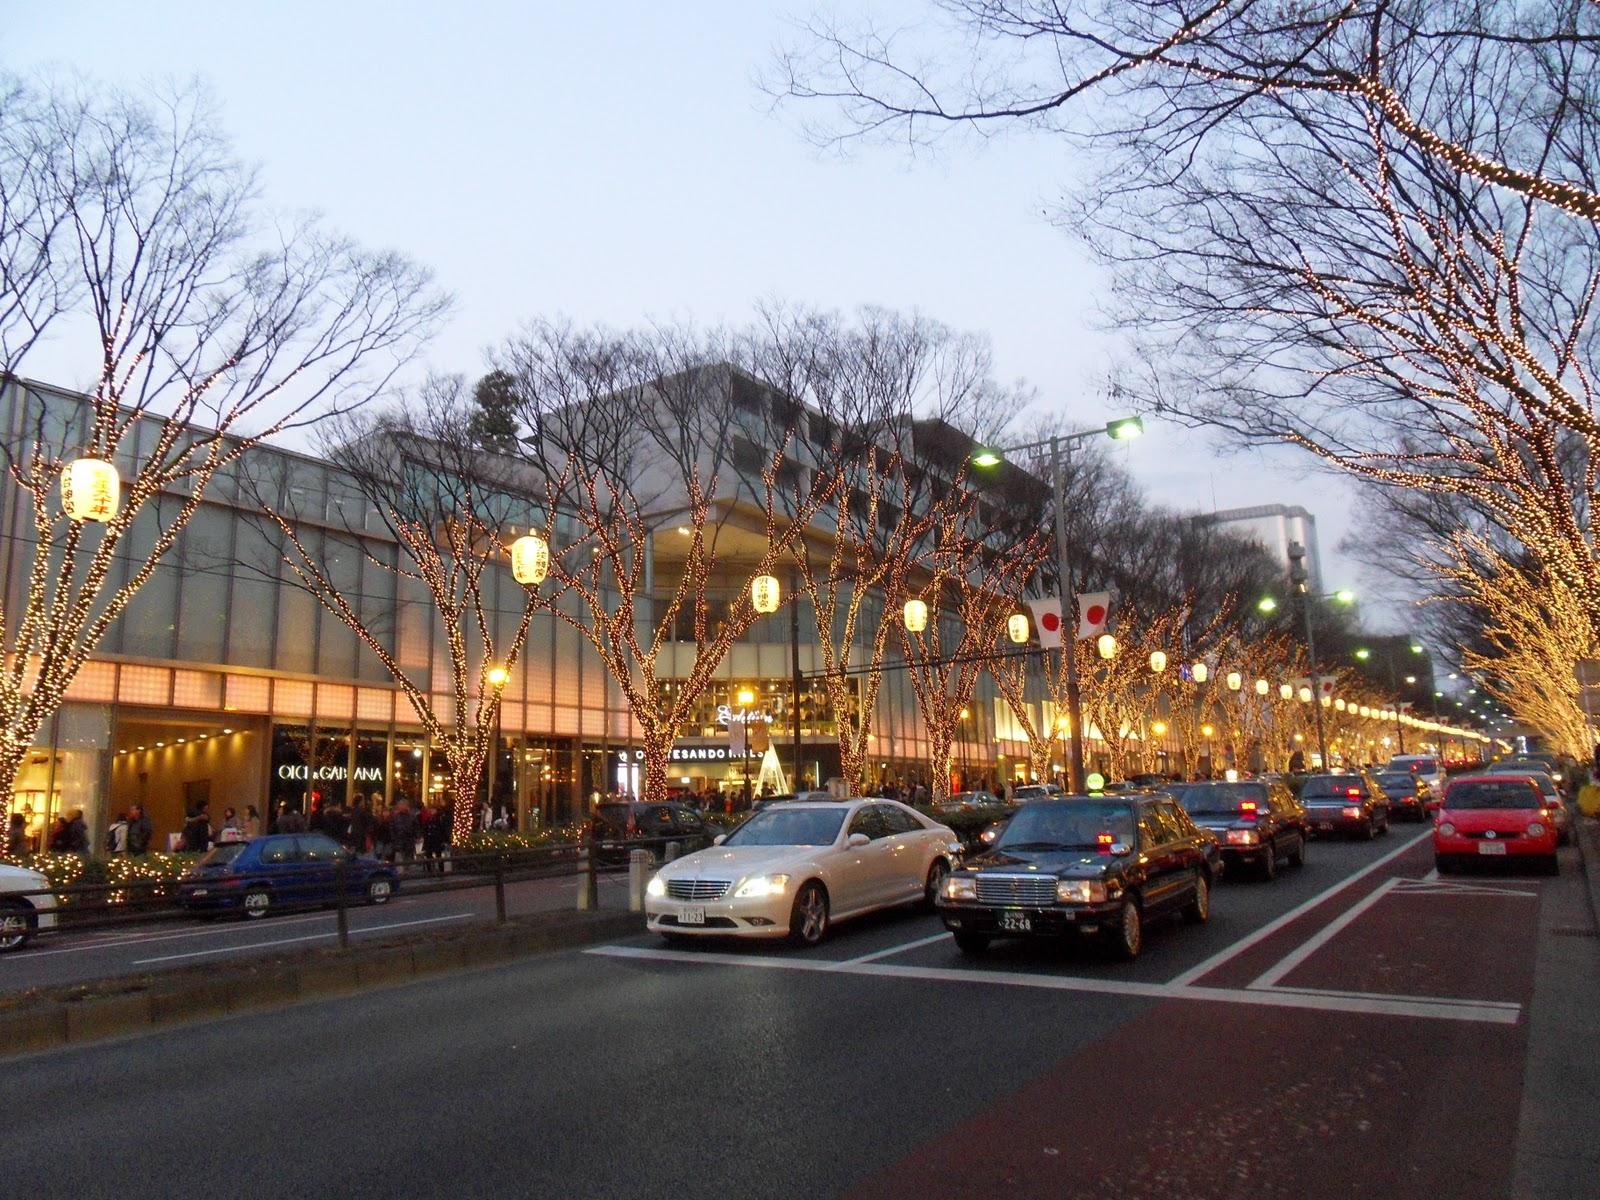 Appunti di architettura giappone e architettura tokyo for Appartamenti giappone